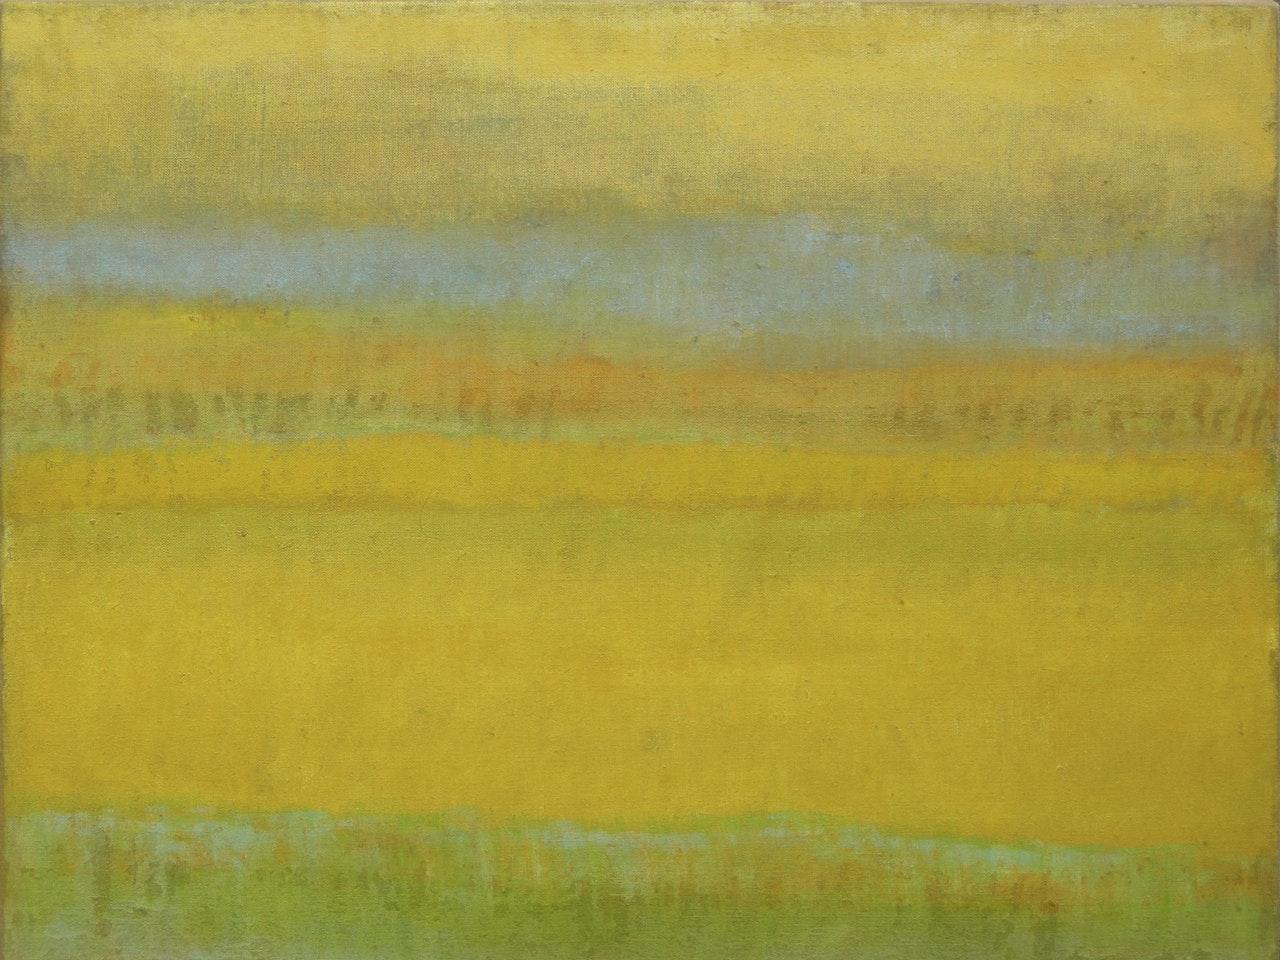 18_paysage_avec_figures_absentes_06_web